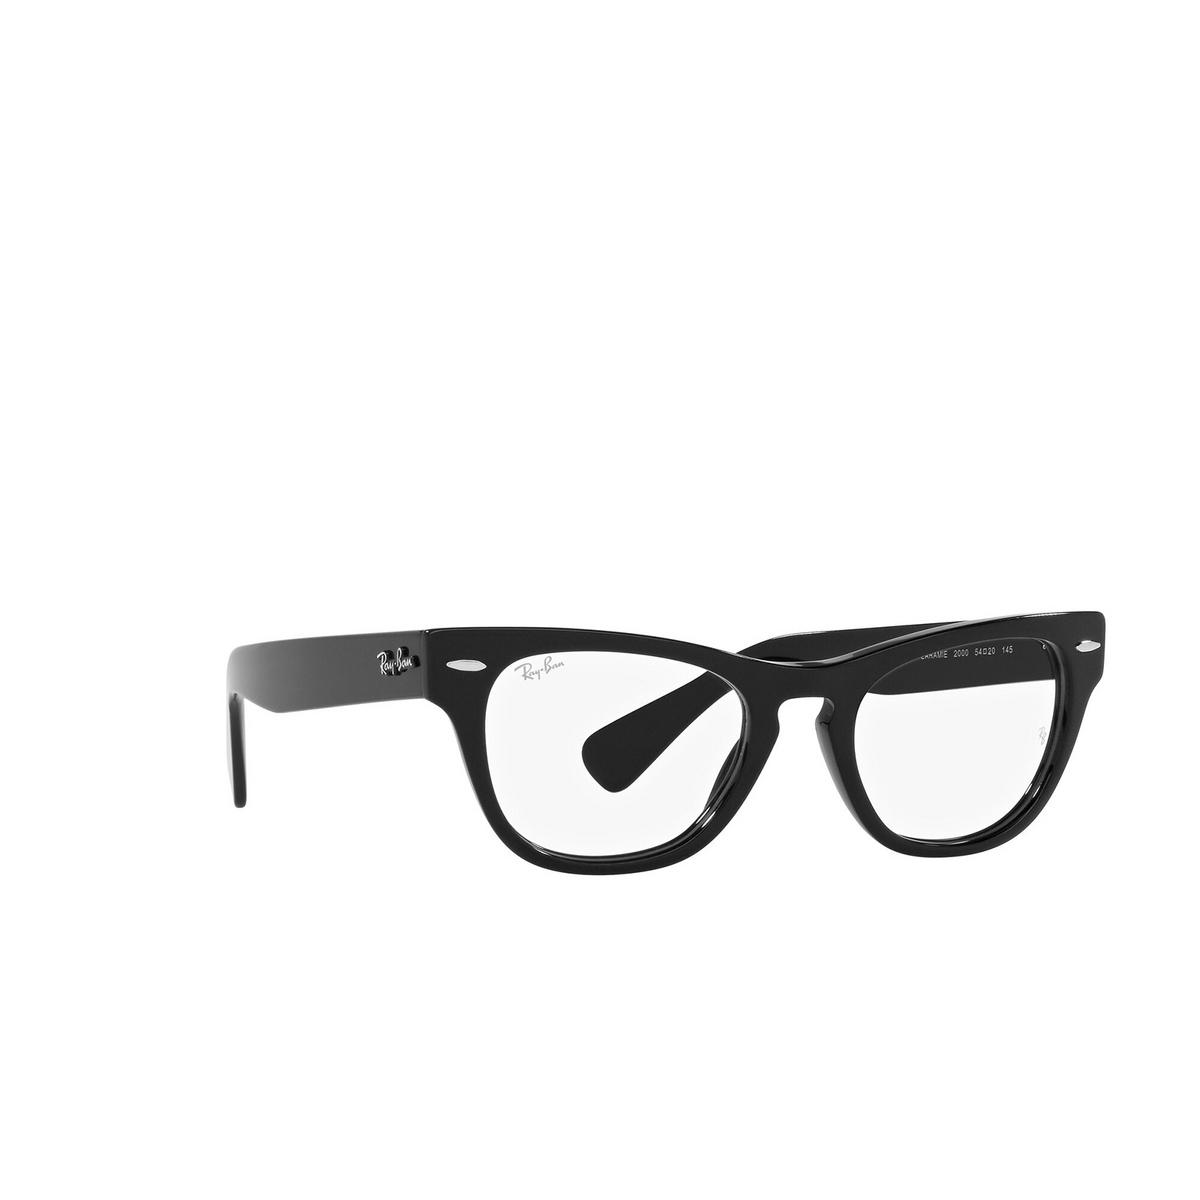 Ray-Ban® Cat-eye Eyeglasses: Laramie RX2201V color Black 2000 - three-quarters view.